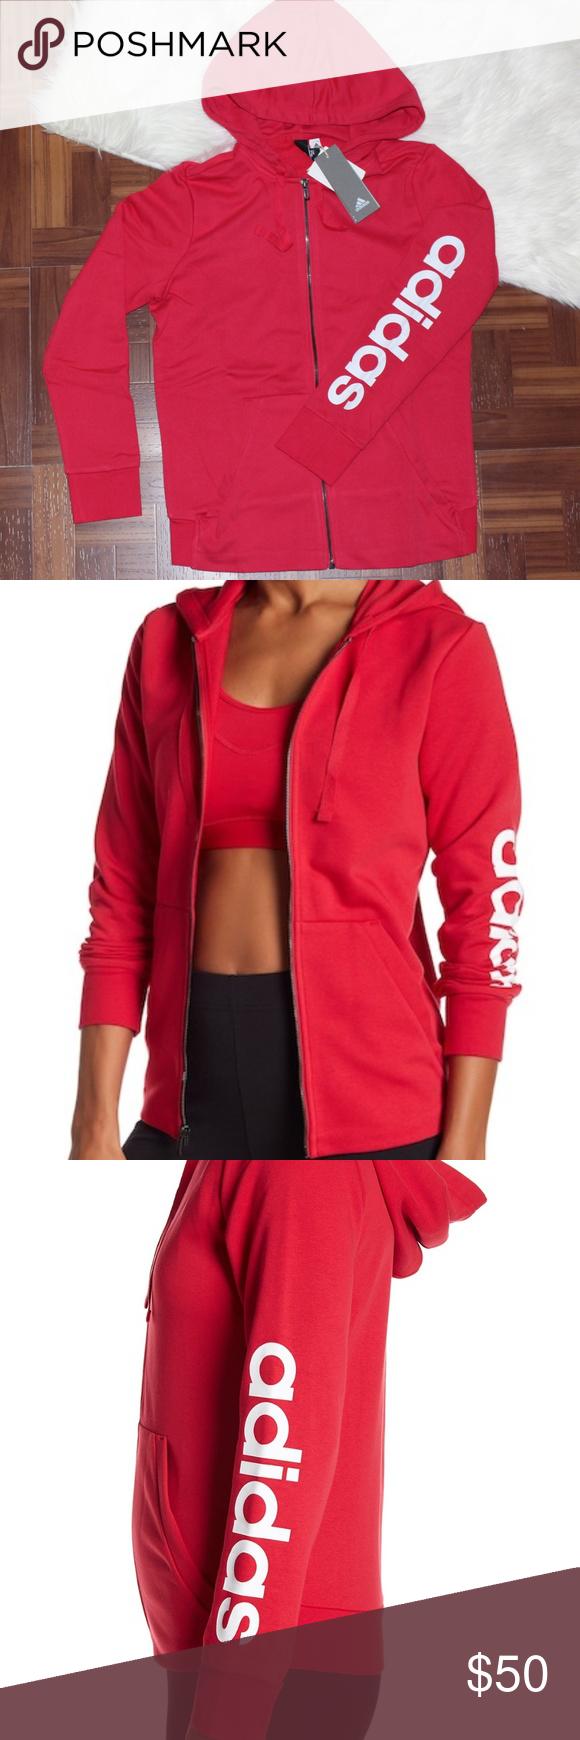 Nwt Adidas Rosa Essenziale Lineare Piena Zip Felpa Adidas Essenziale